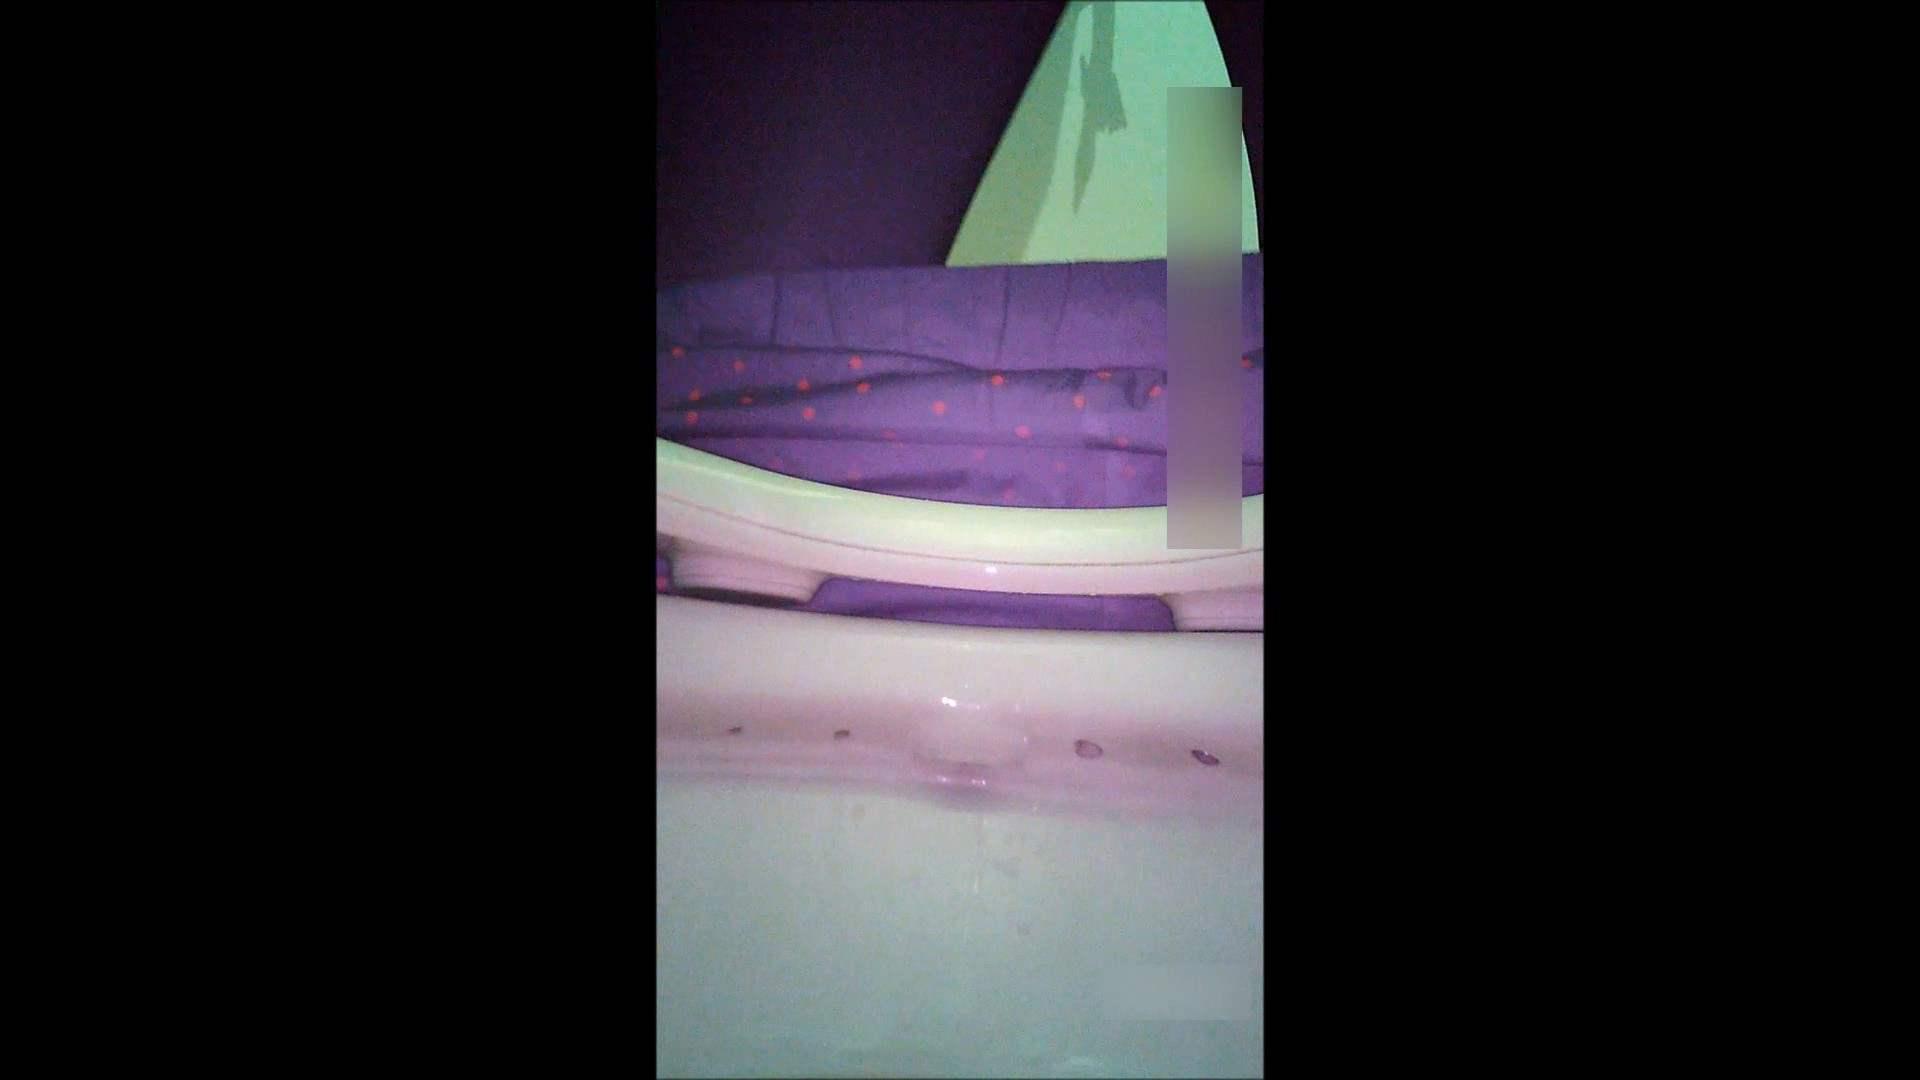 キレカワ女子大生の秘密の洗面所!Vol.051 洗面所突入 おまんこ動画流出 95pic 51